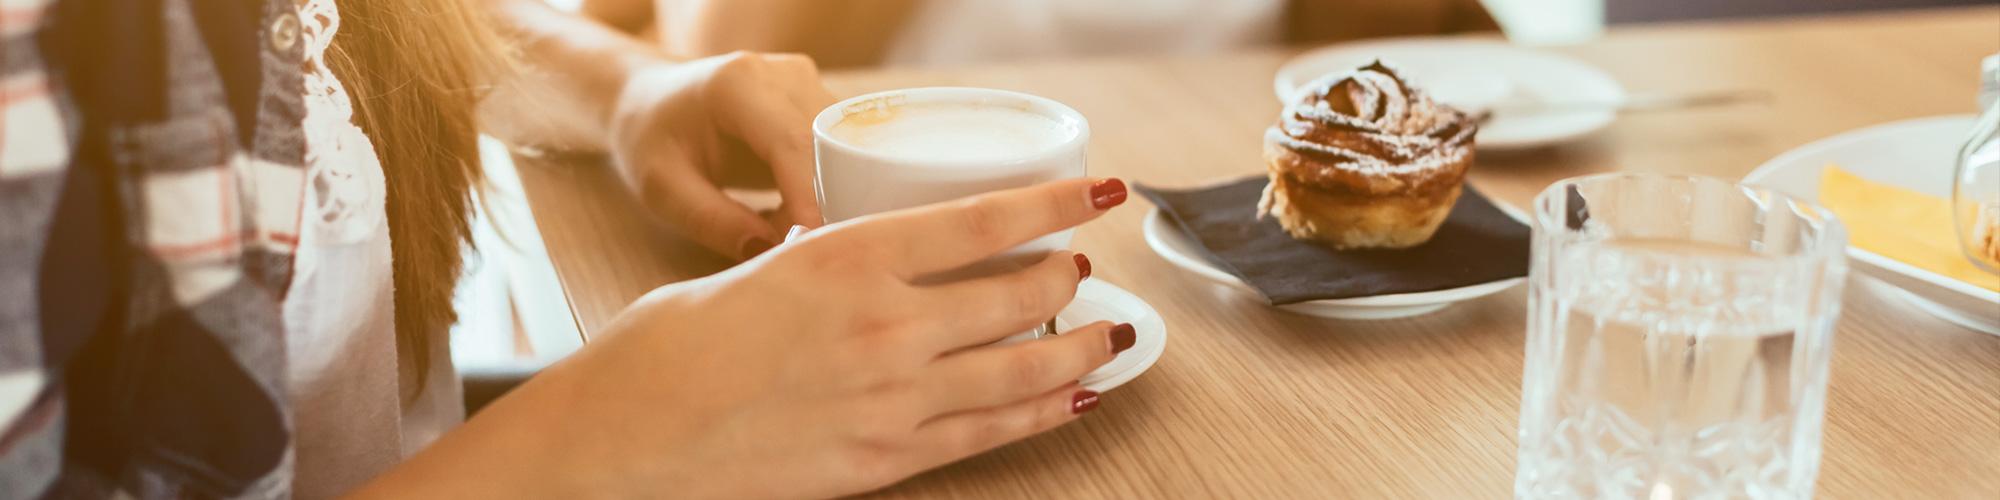 Кафе Французский пекарь